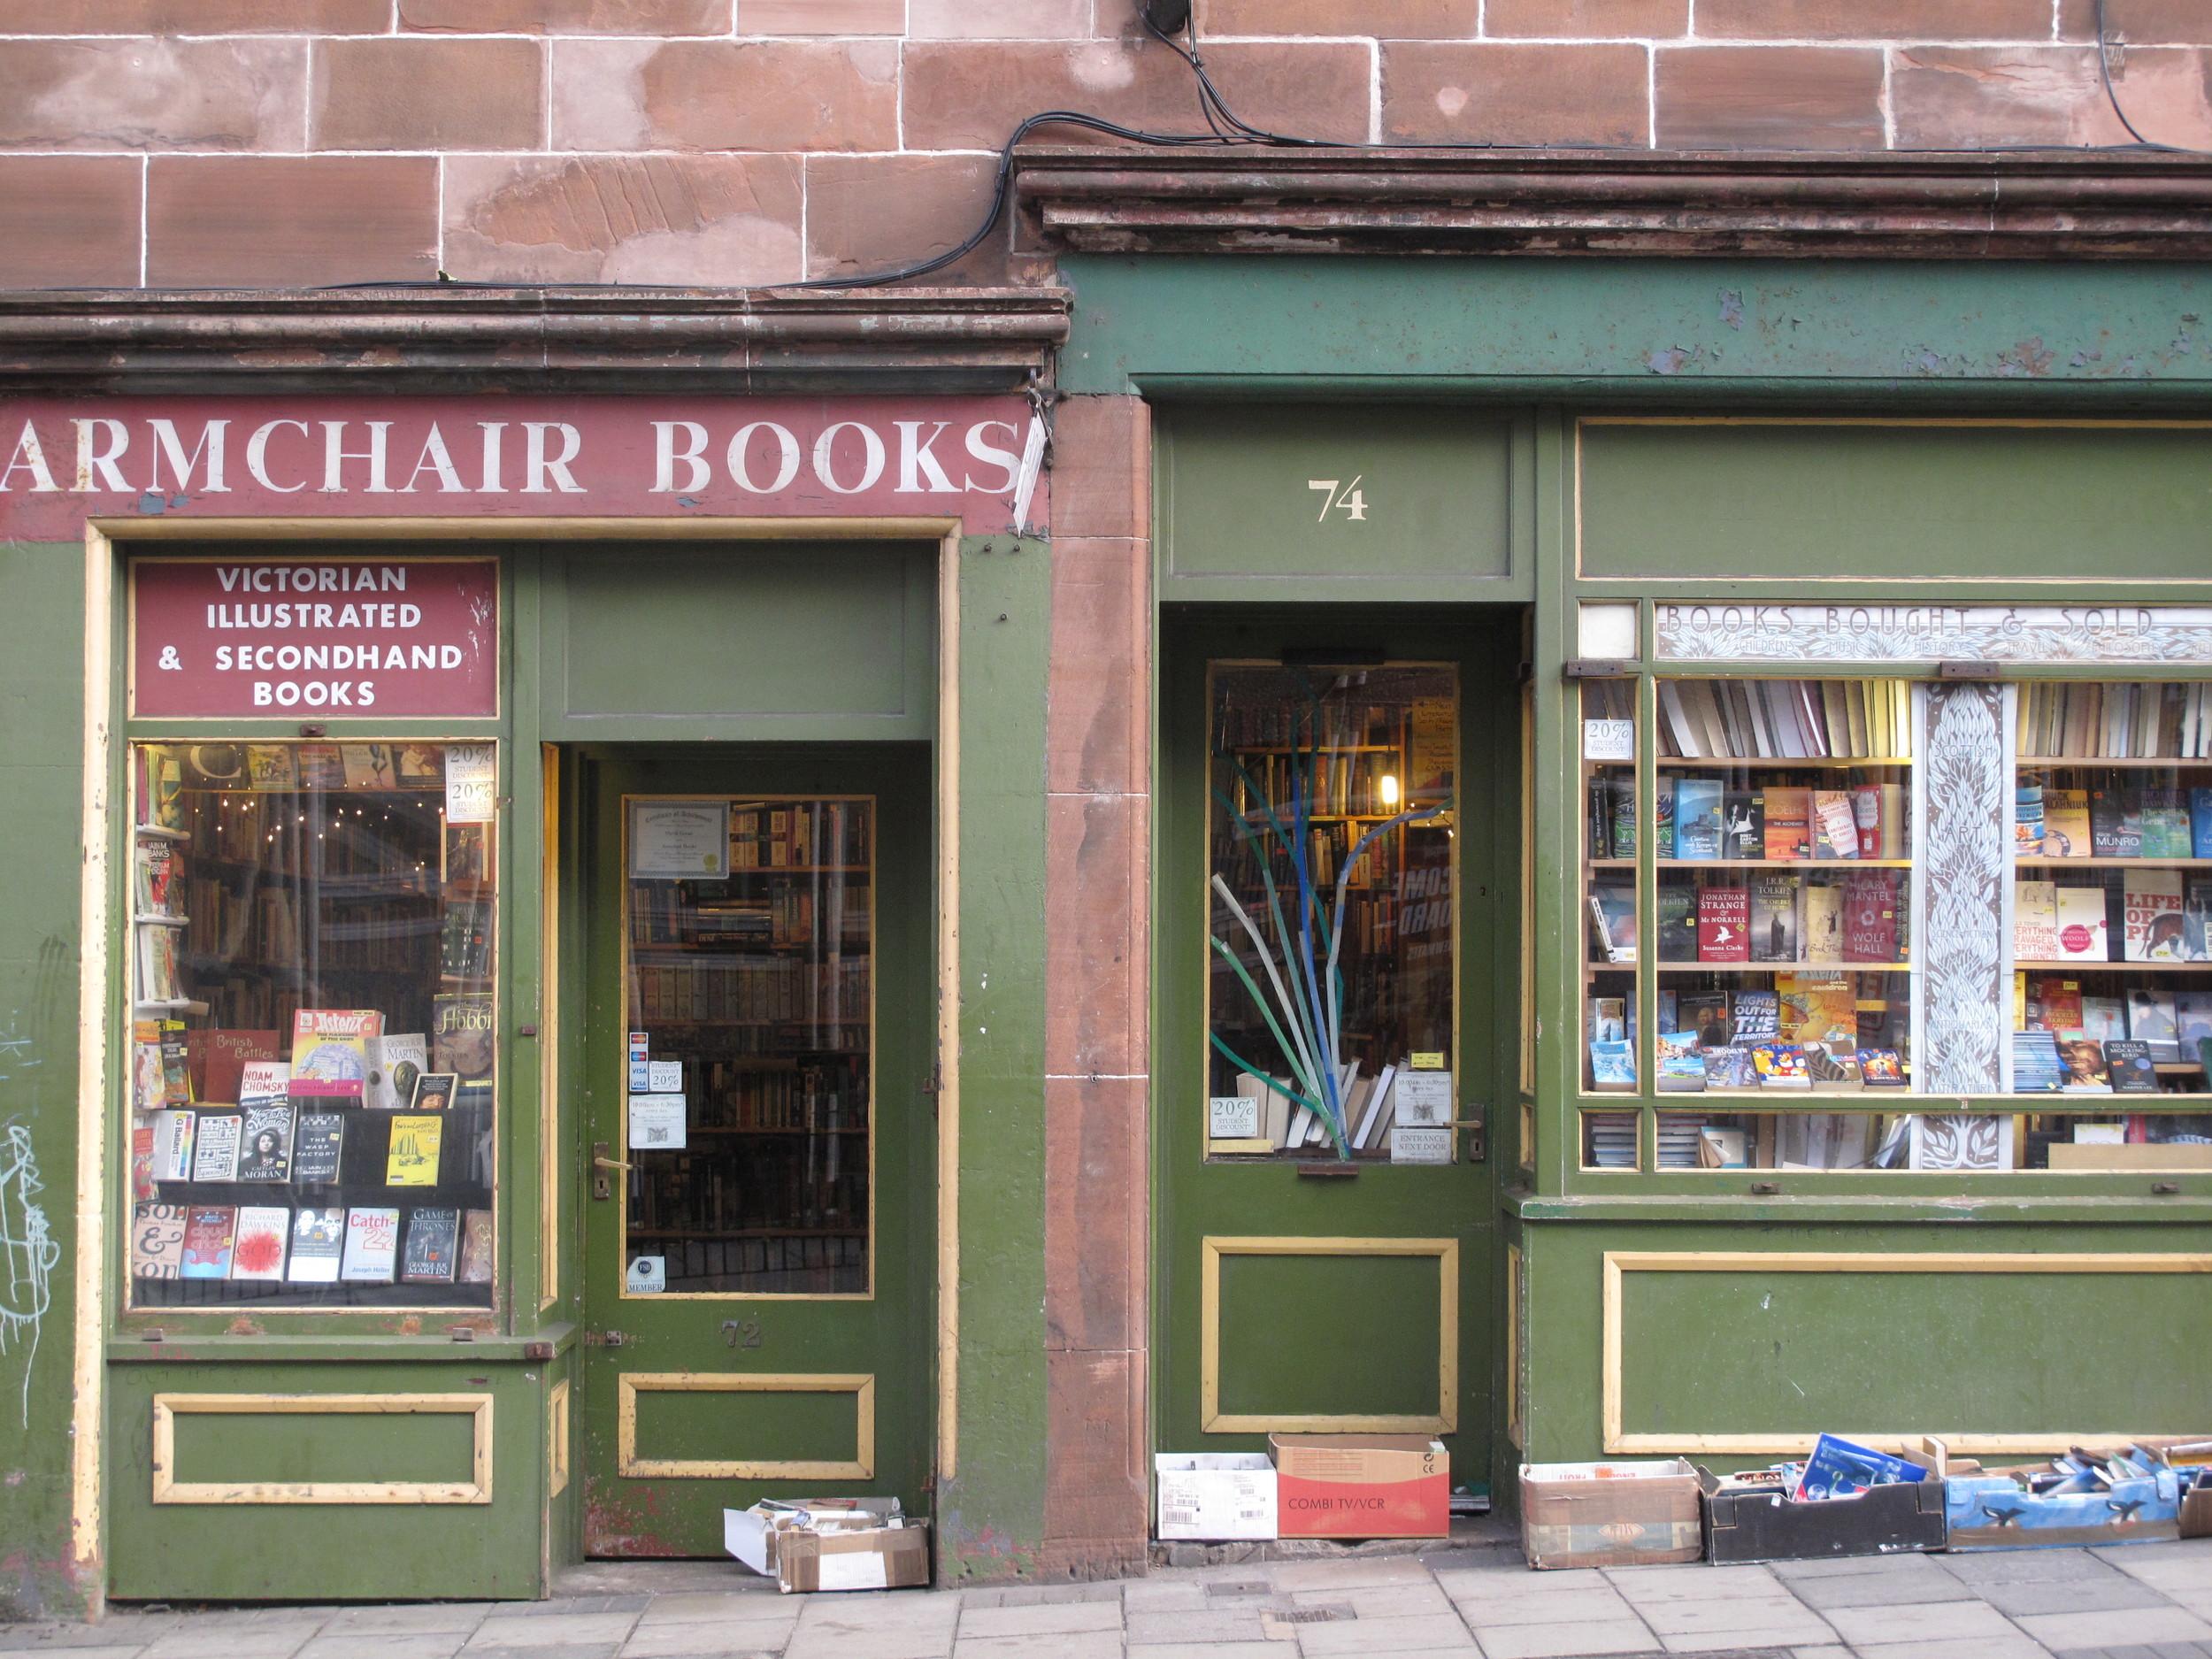 Armchair Books - bookshop in Edinburgh.